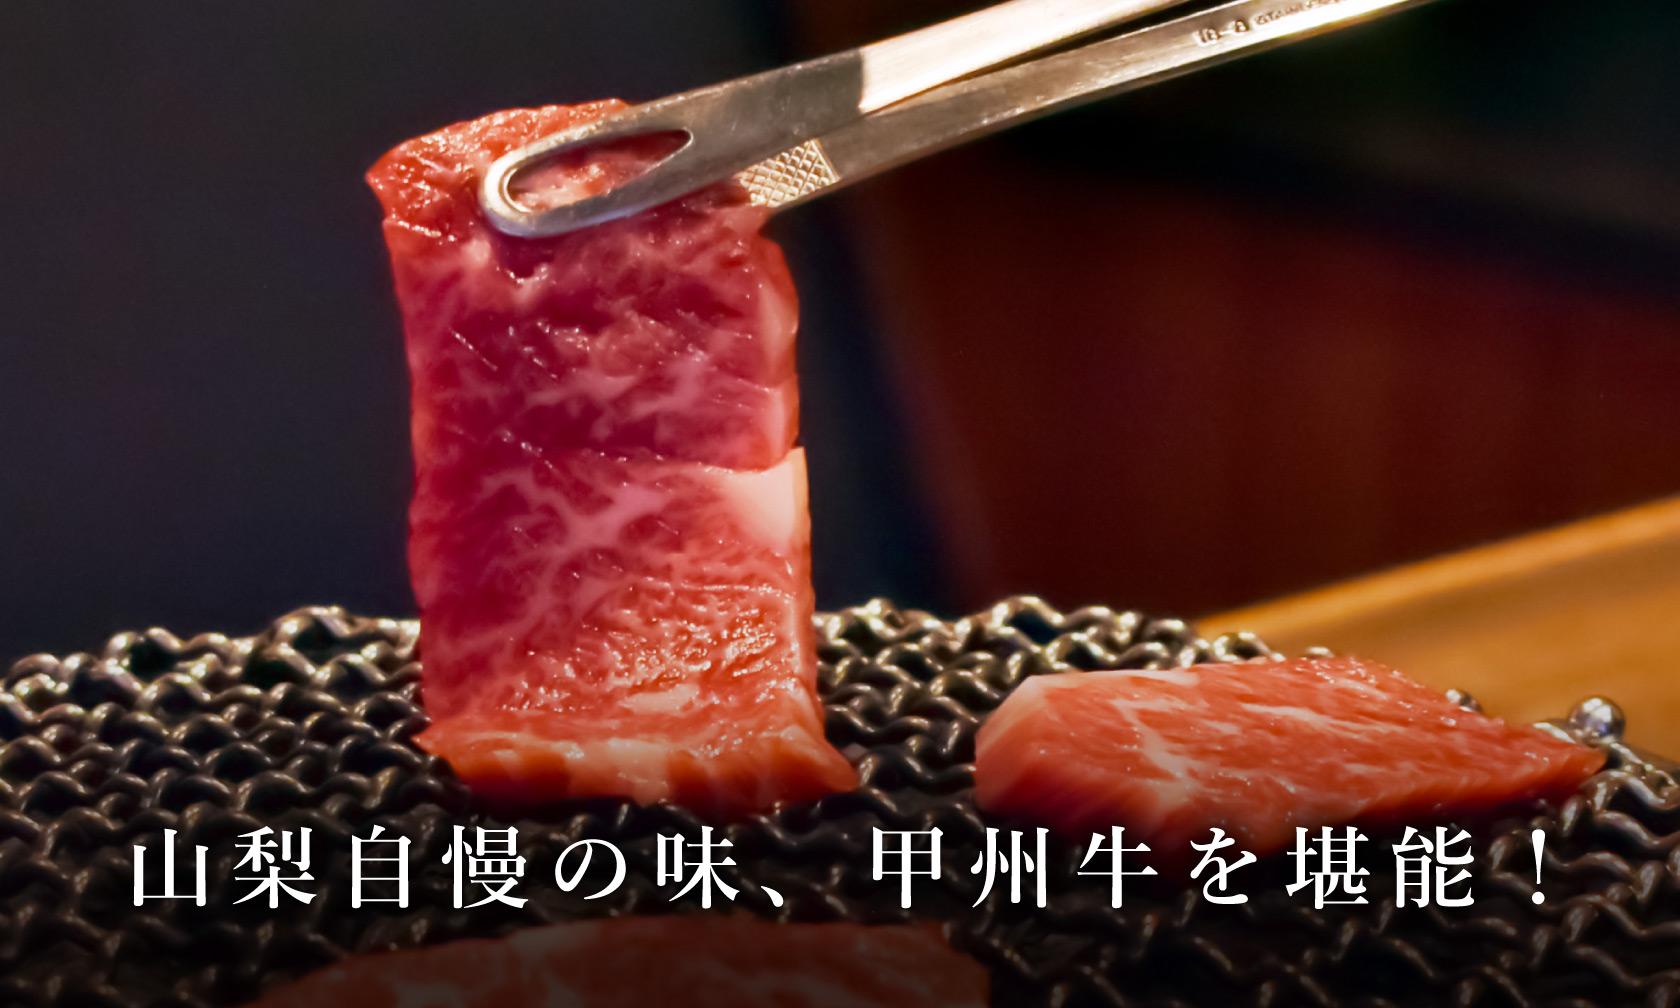 ホルモン組合 甲州精肉酒臓の料理写真